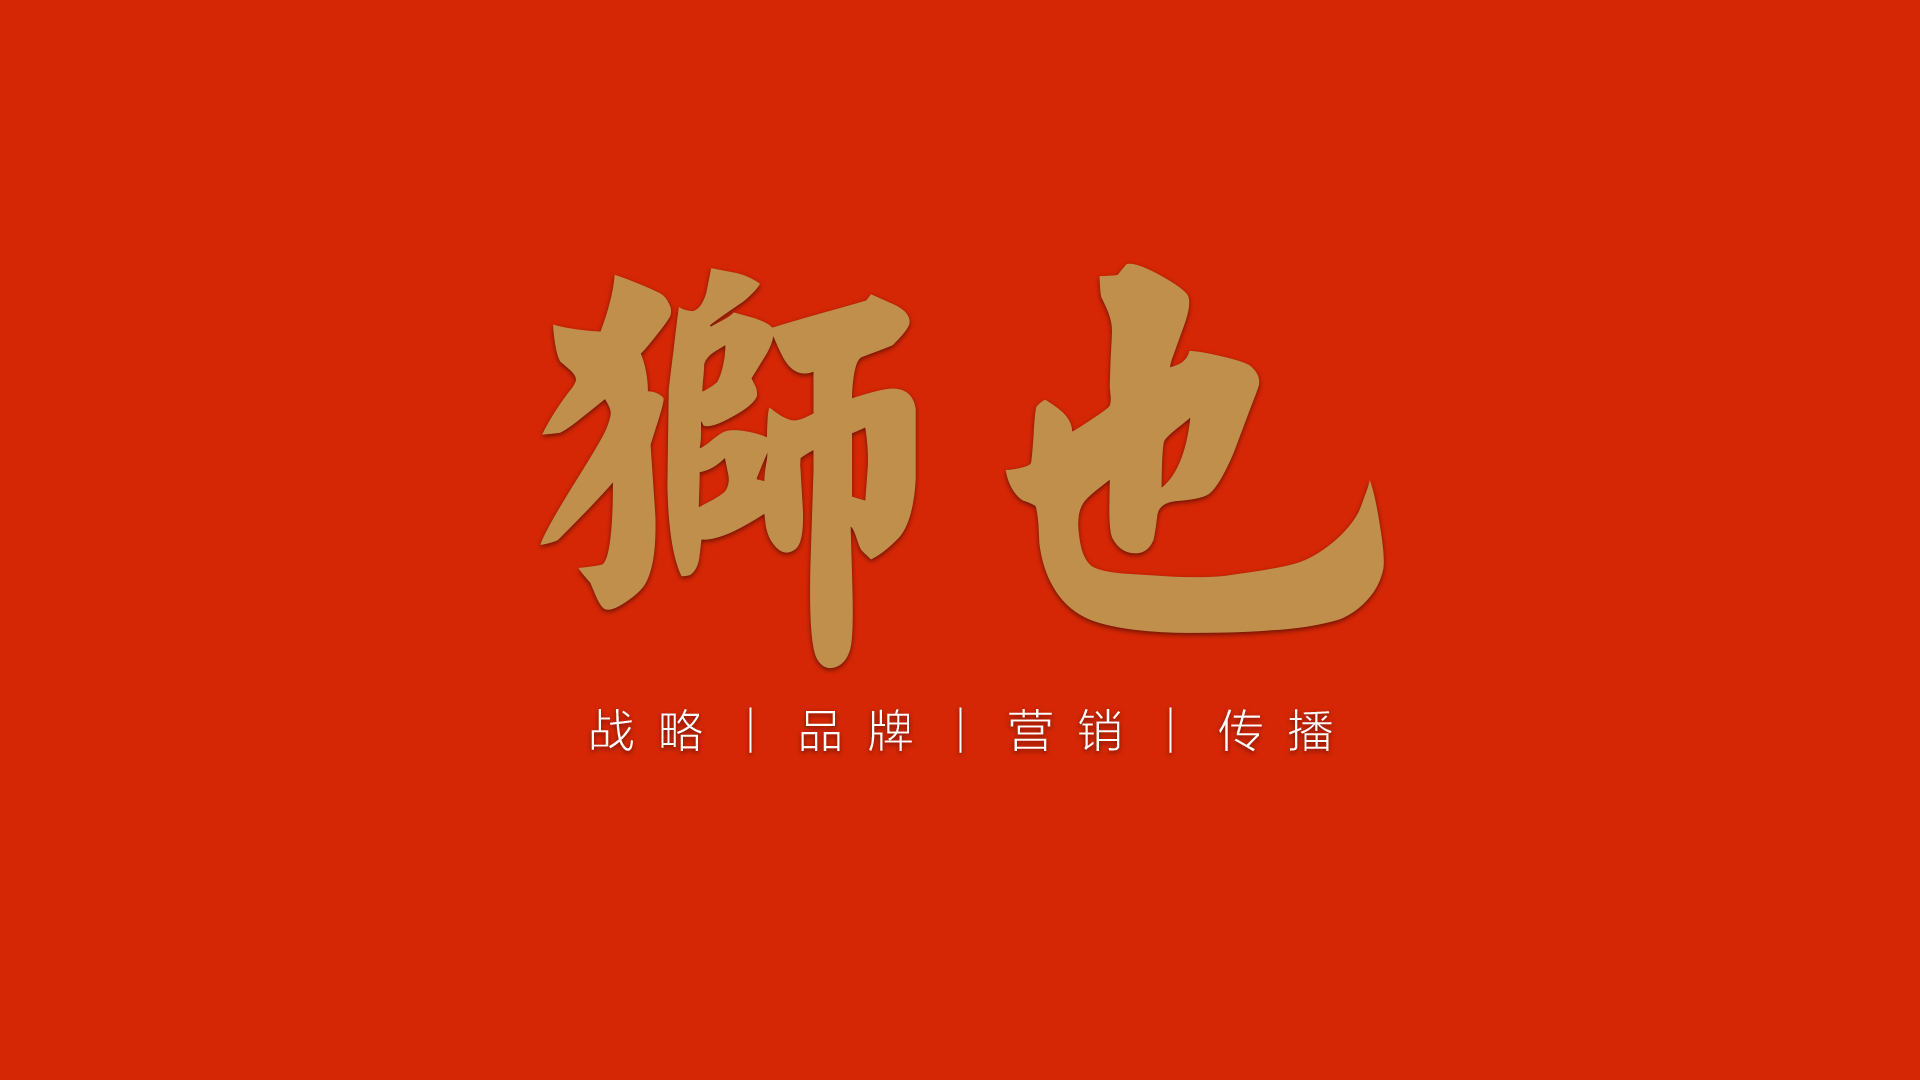 上海营销策划公司—制定市场营销战略的内外环境分析